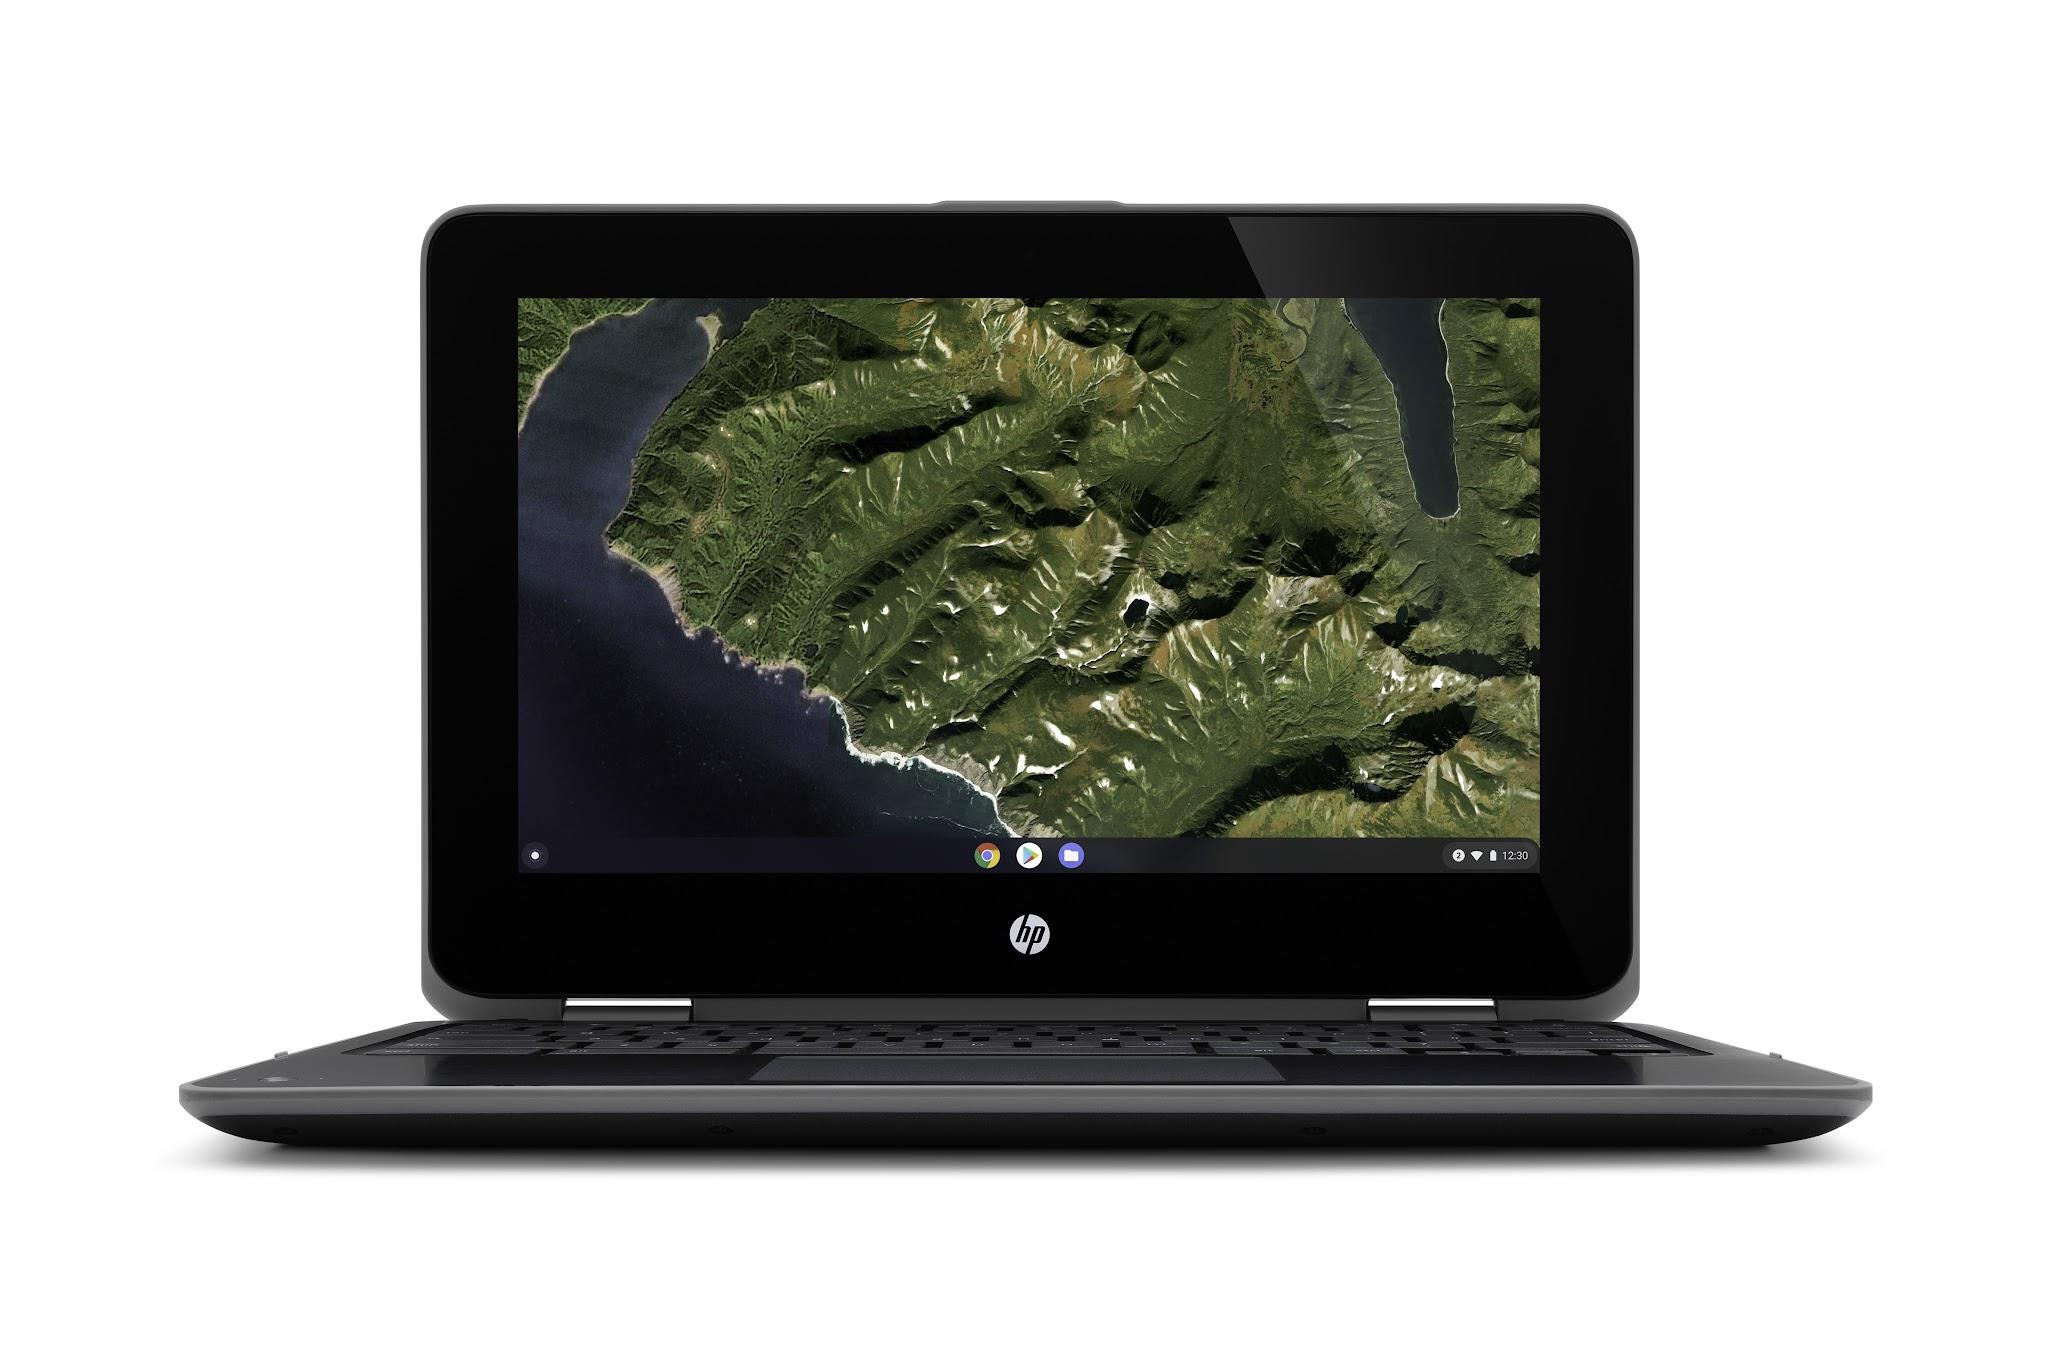 HP Chromebook x360 11 G2 EE - photo 1